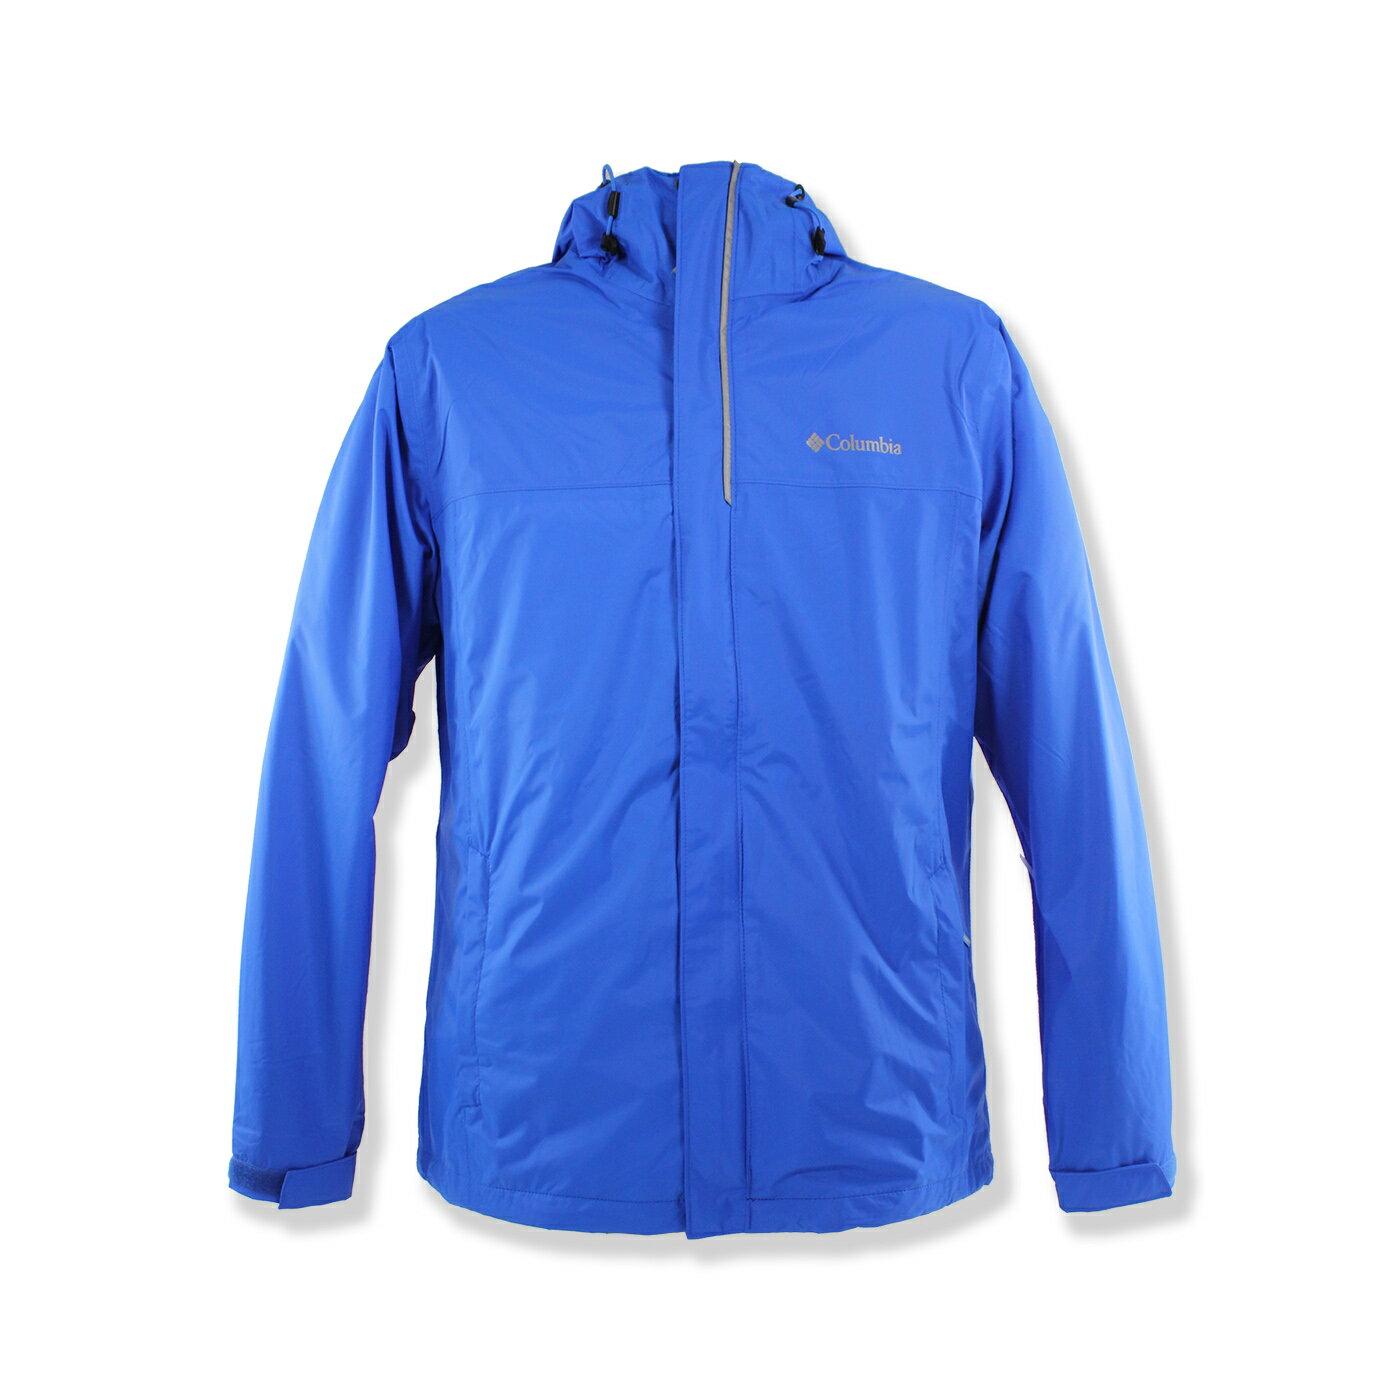 美國百分百【全新真品】Columbia 外套 哥倫比亞 連帽 防水 防風 快乾 輕量 透氣 藍色 男 M號 F680